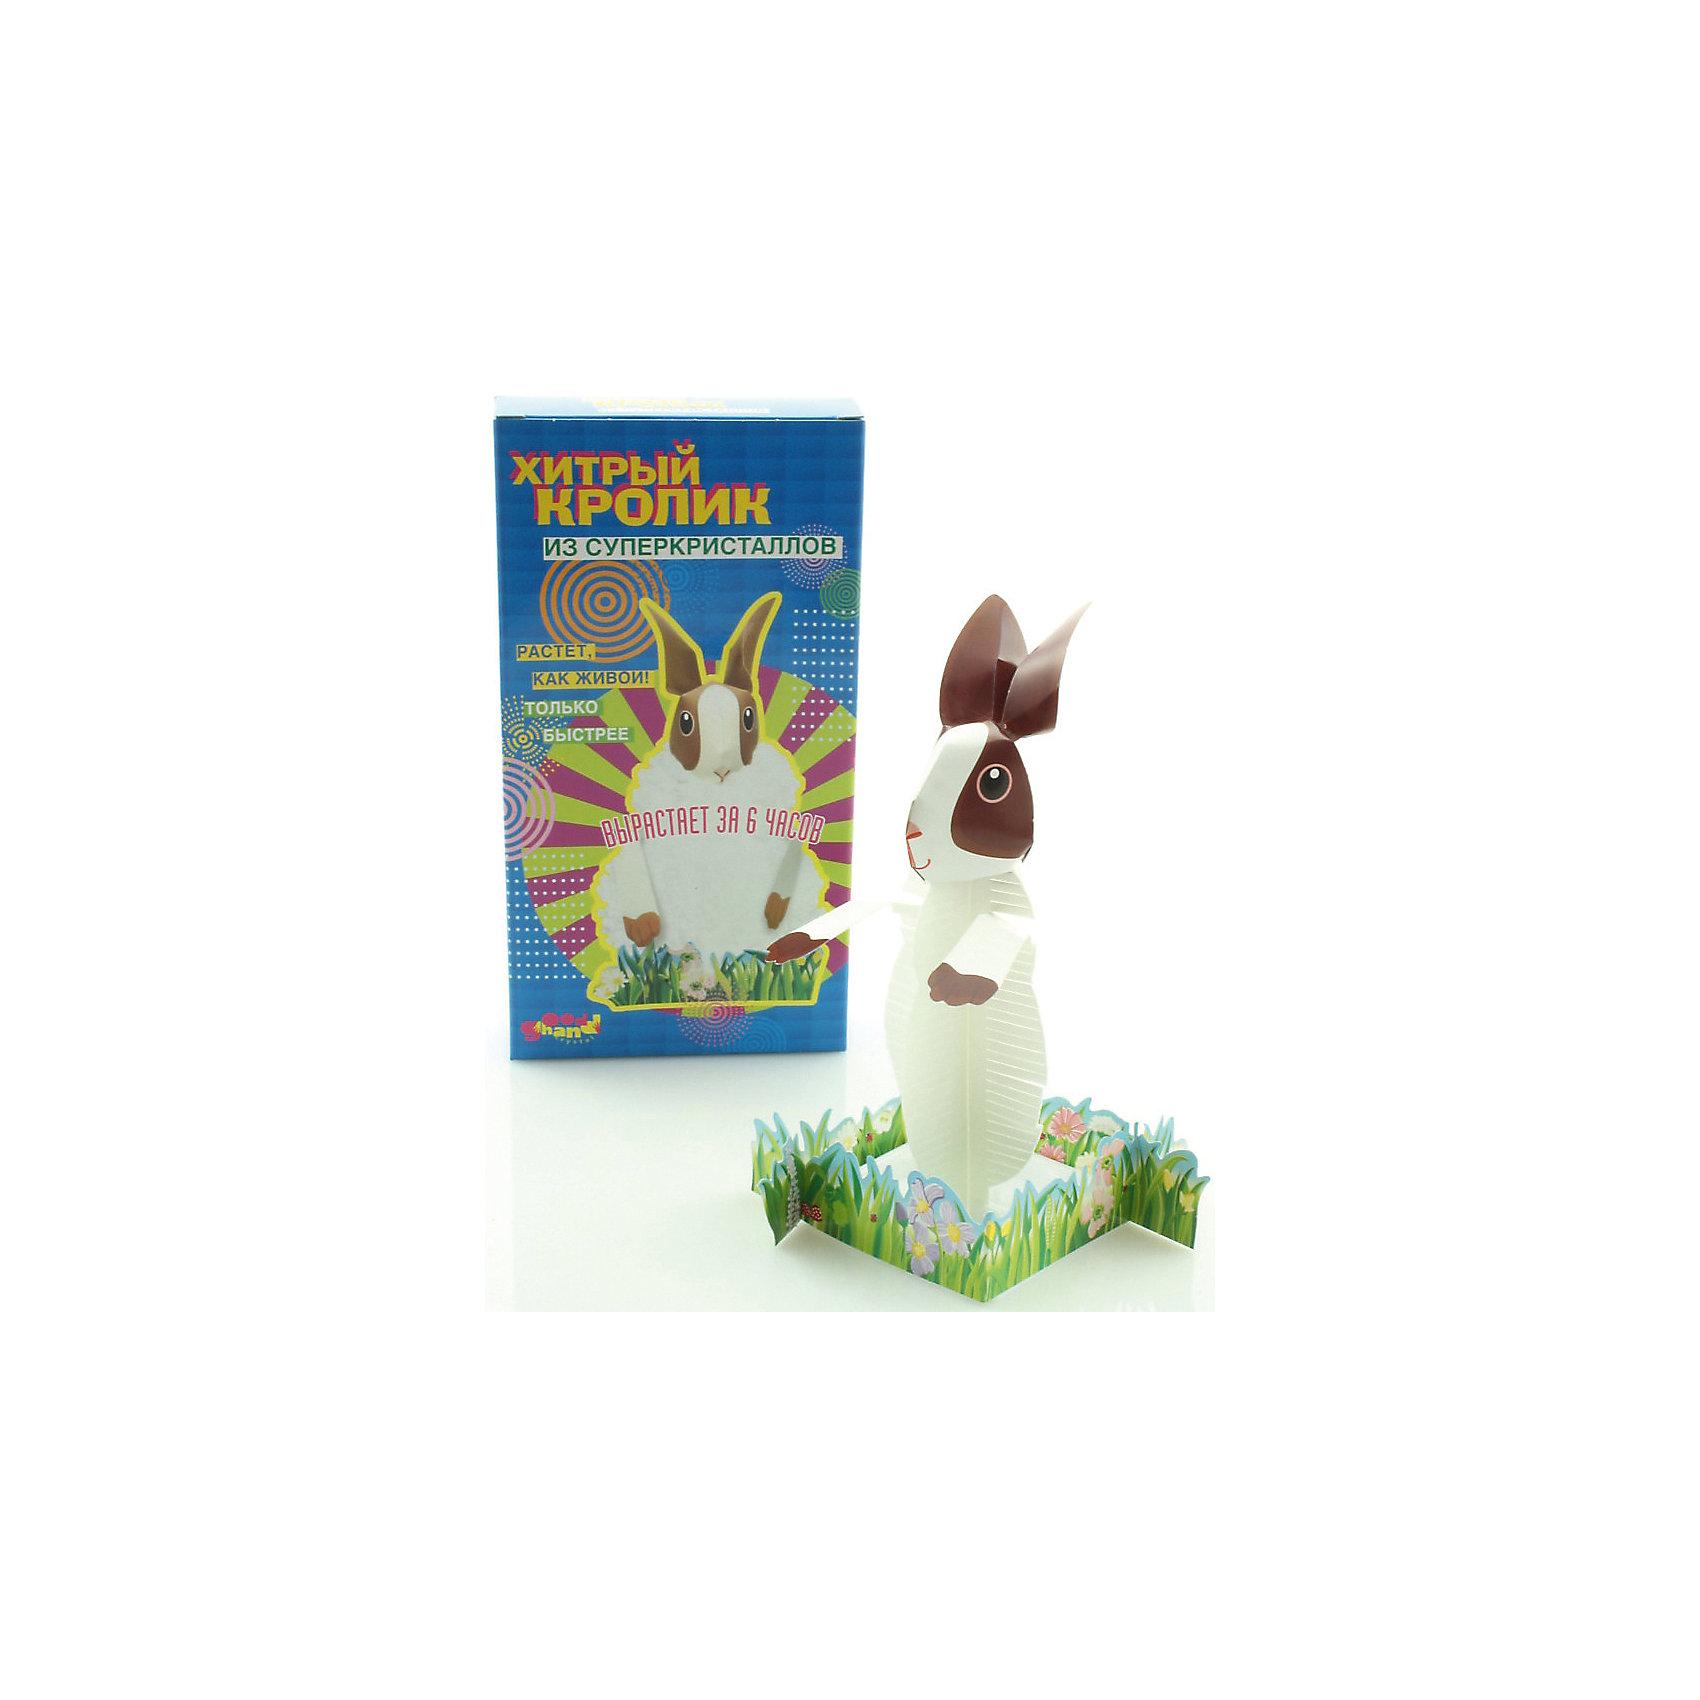 Набор Хитрый кроликКристаллы<br>Набор Хитрый кролик.<br><br>Характеристика: <br><br>• Возраст: от 5 лет<br>• Материал: фосфат аммония, пластик, бумага.<br>• Размер: 3х10,5х20 см.<br>• Время роста кристаллов: 6 ч.<br>• Комплектация: каркас, подставка-контейнер, изгородь, жидкость для роста кристаллов.<br>• Развивает внимание, мелкую моторику, воображение; расширяет кругозор. <br>• Использовать под присмотром взрослых.<br><br>Хочешь вырастить необычного кролика из кристаллов? Тогда этот набор для тебя. Нужно лишь смочить бумажную основу реагентом и немного подождать. Пушистая переливающая шубка кролика, приведет в восторг вашего юного химика.<br>Занятия с набором расширяют кругозор детей, развивают мышление, внимание и фантазию.<br><br>Набор Хитрый кролик можно купить в нашем интернет-магазине.<br><br>Ширина мм: 200<br>Глубина мм: 105<br>Высота мм: 30<br>Вес г: 100<br>Возраст от месяцев: 60<br>Возраст до месяцев: 2147483647<br>Пол: Унисекс<br>Возраст: Детский<br>SKU: 5487909